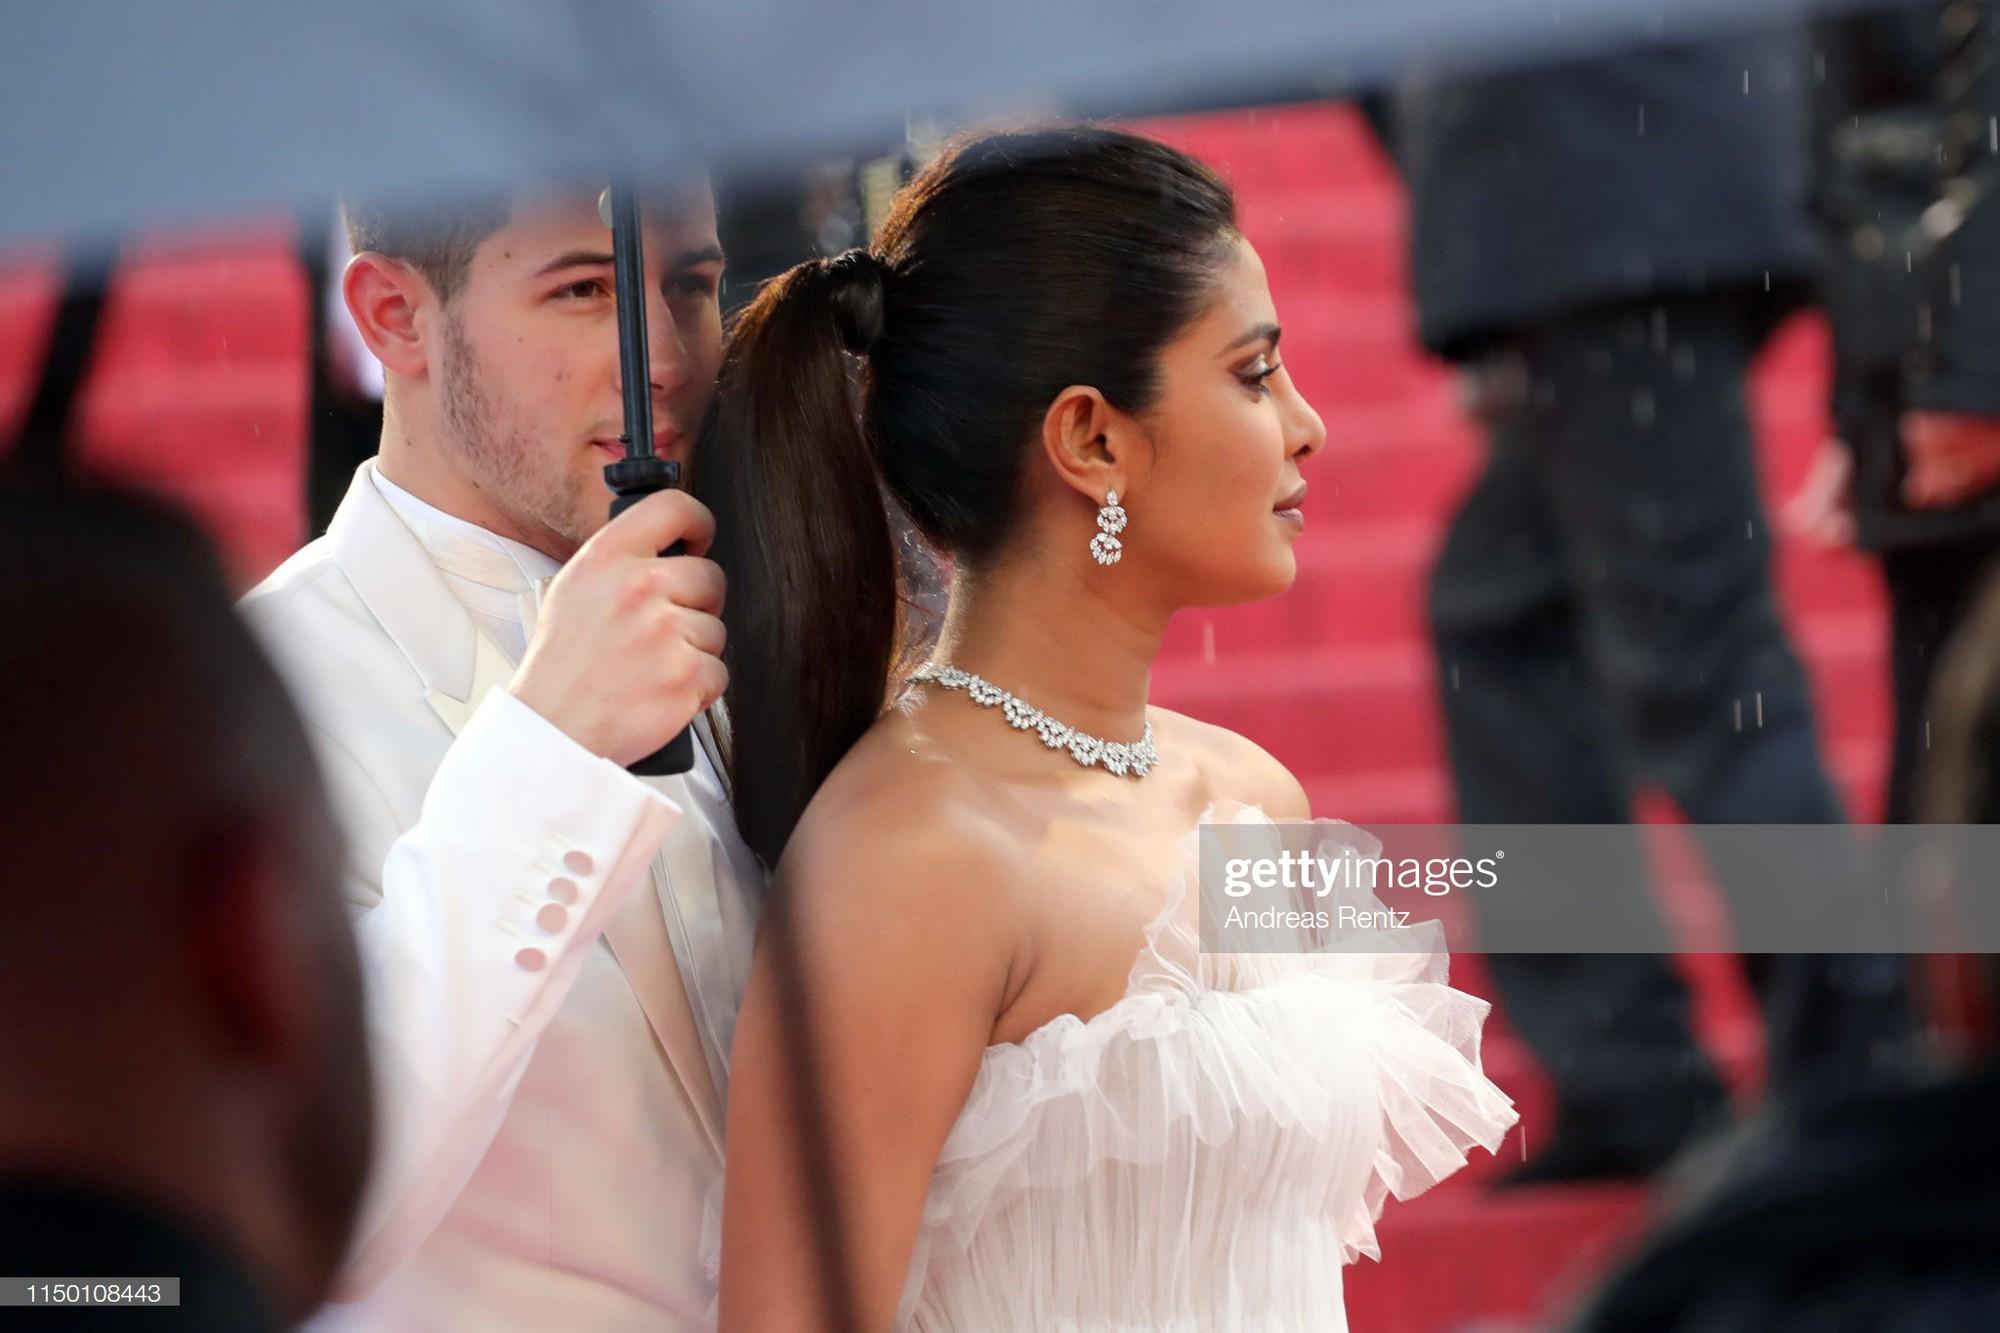 Thảm đỏ Cannes nhường spotlight cho Nick Jonas cung phụng Hoa hậu, Sui He gây sốc như không mặc gì - Ảnh 6.